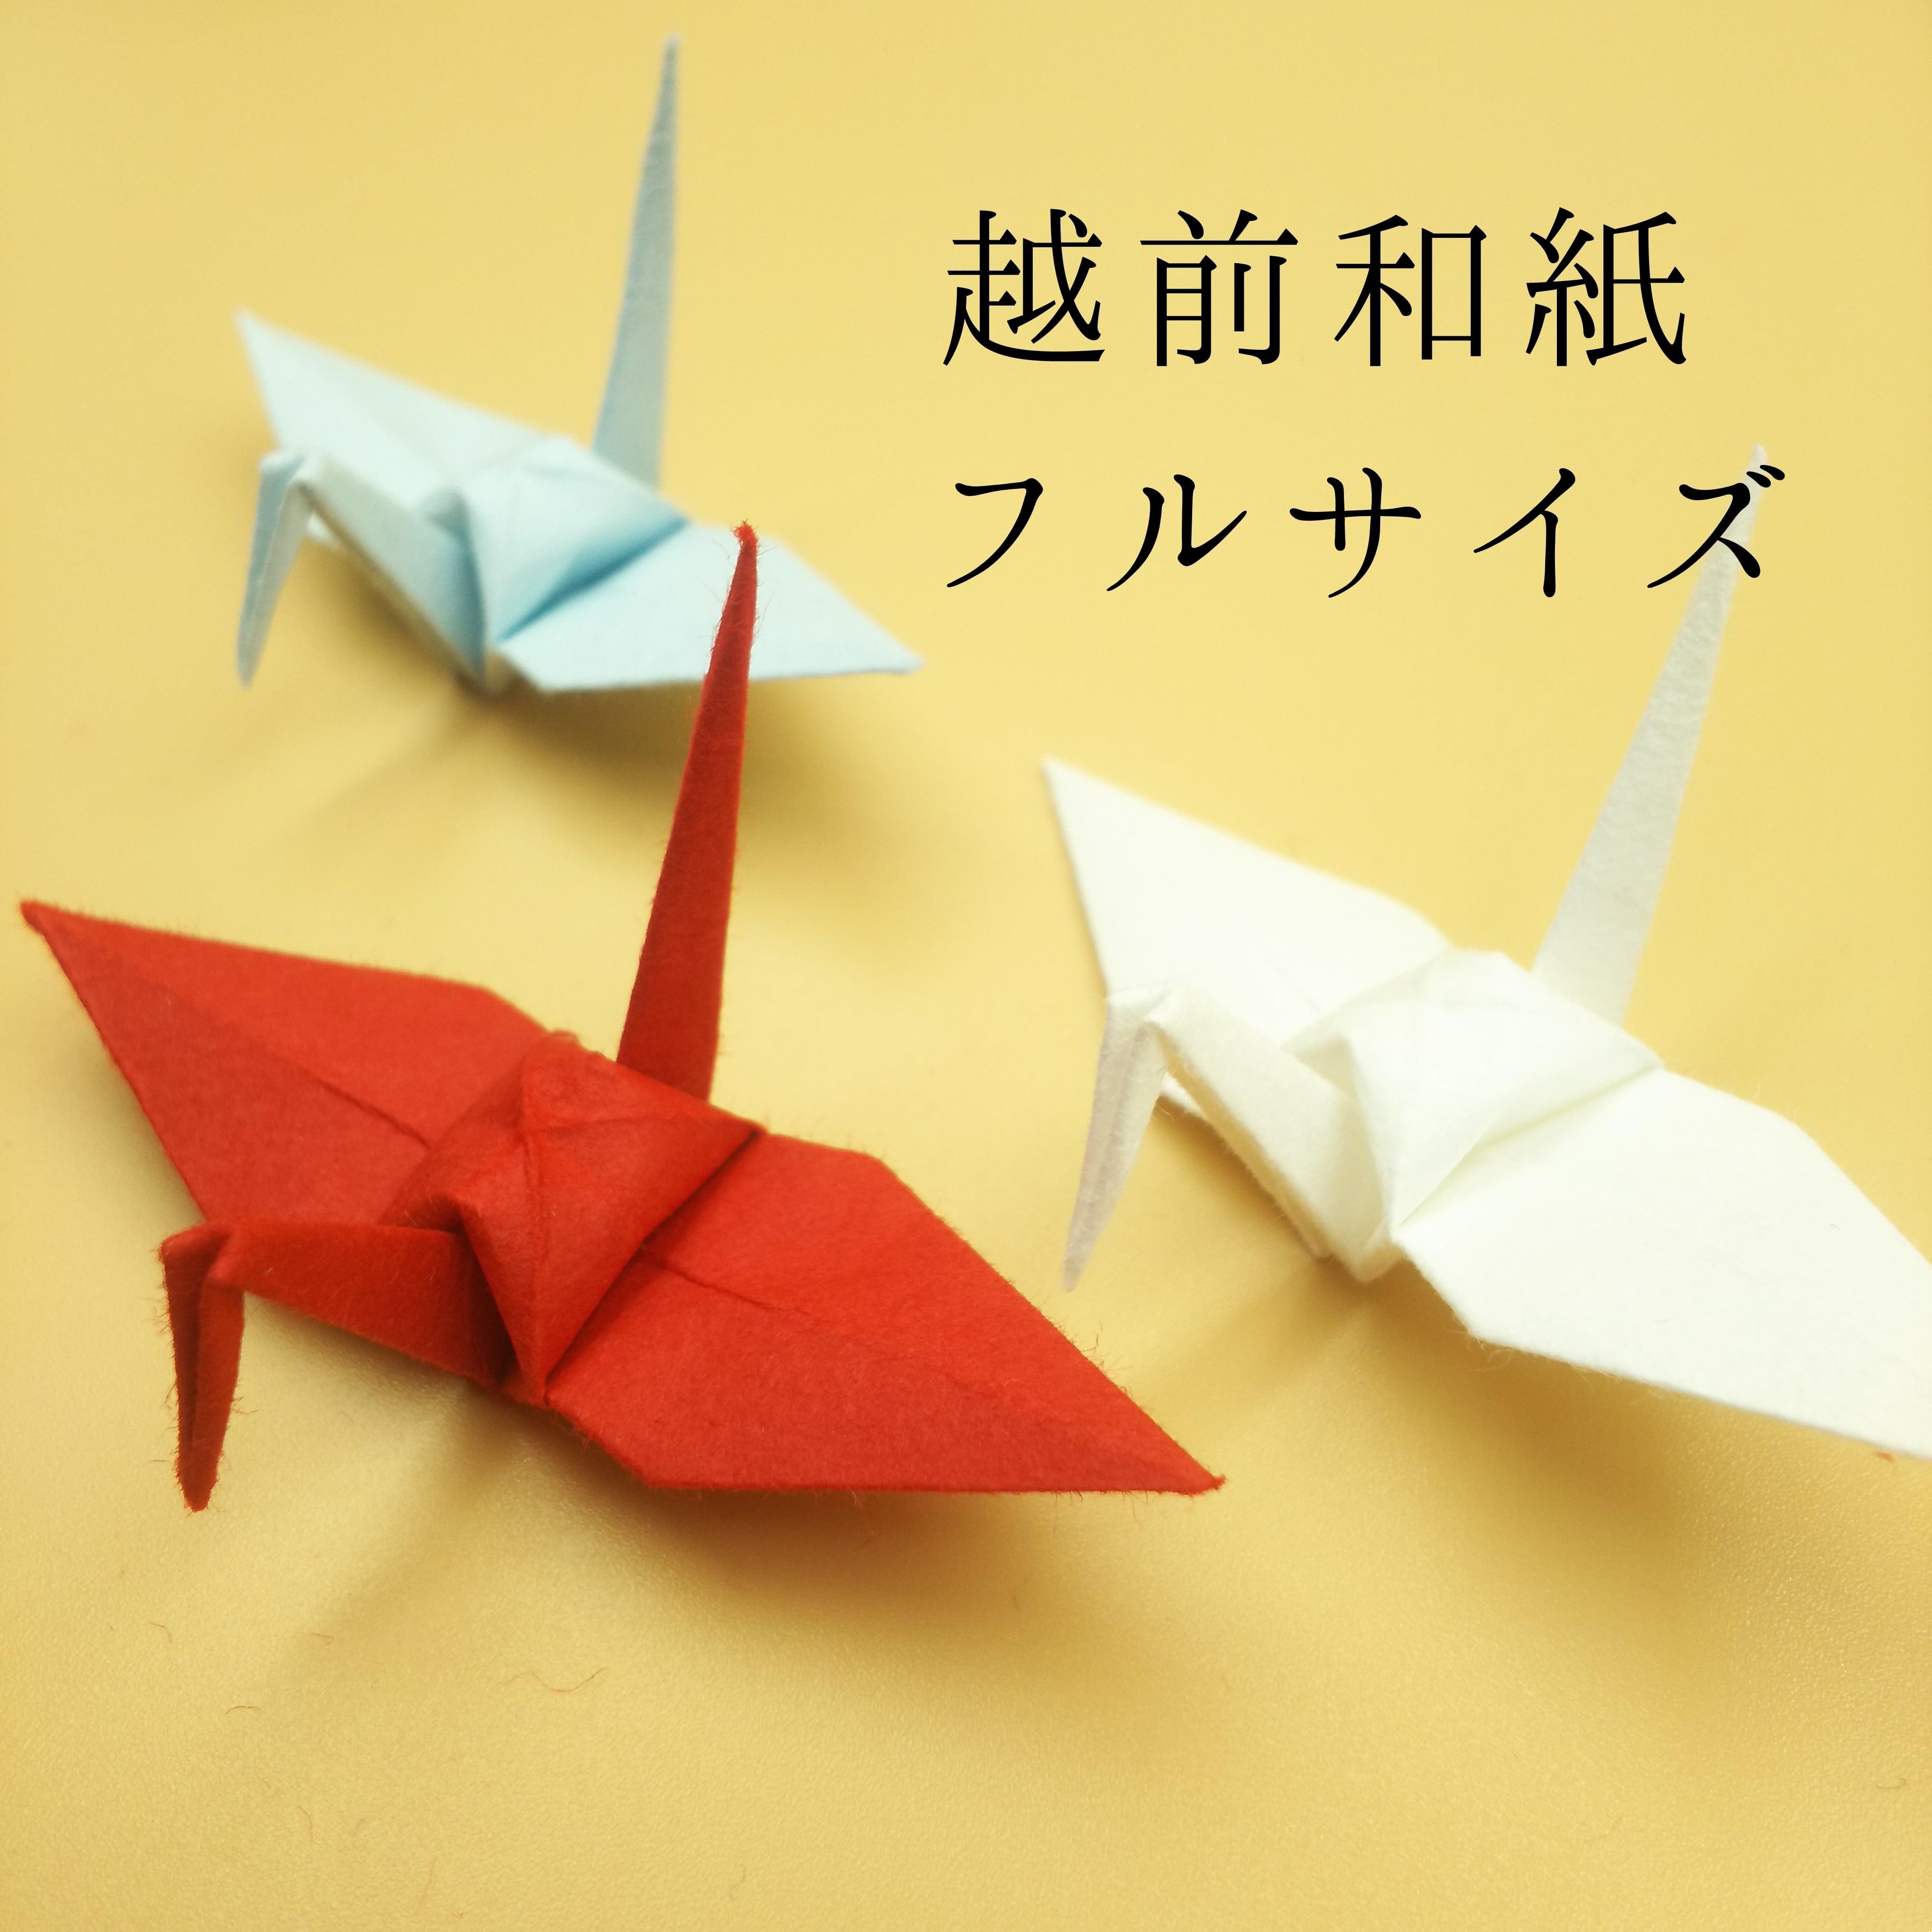 越前和紙による伝統色の折り鶴 フルサイズ 100羽